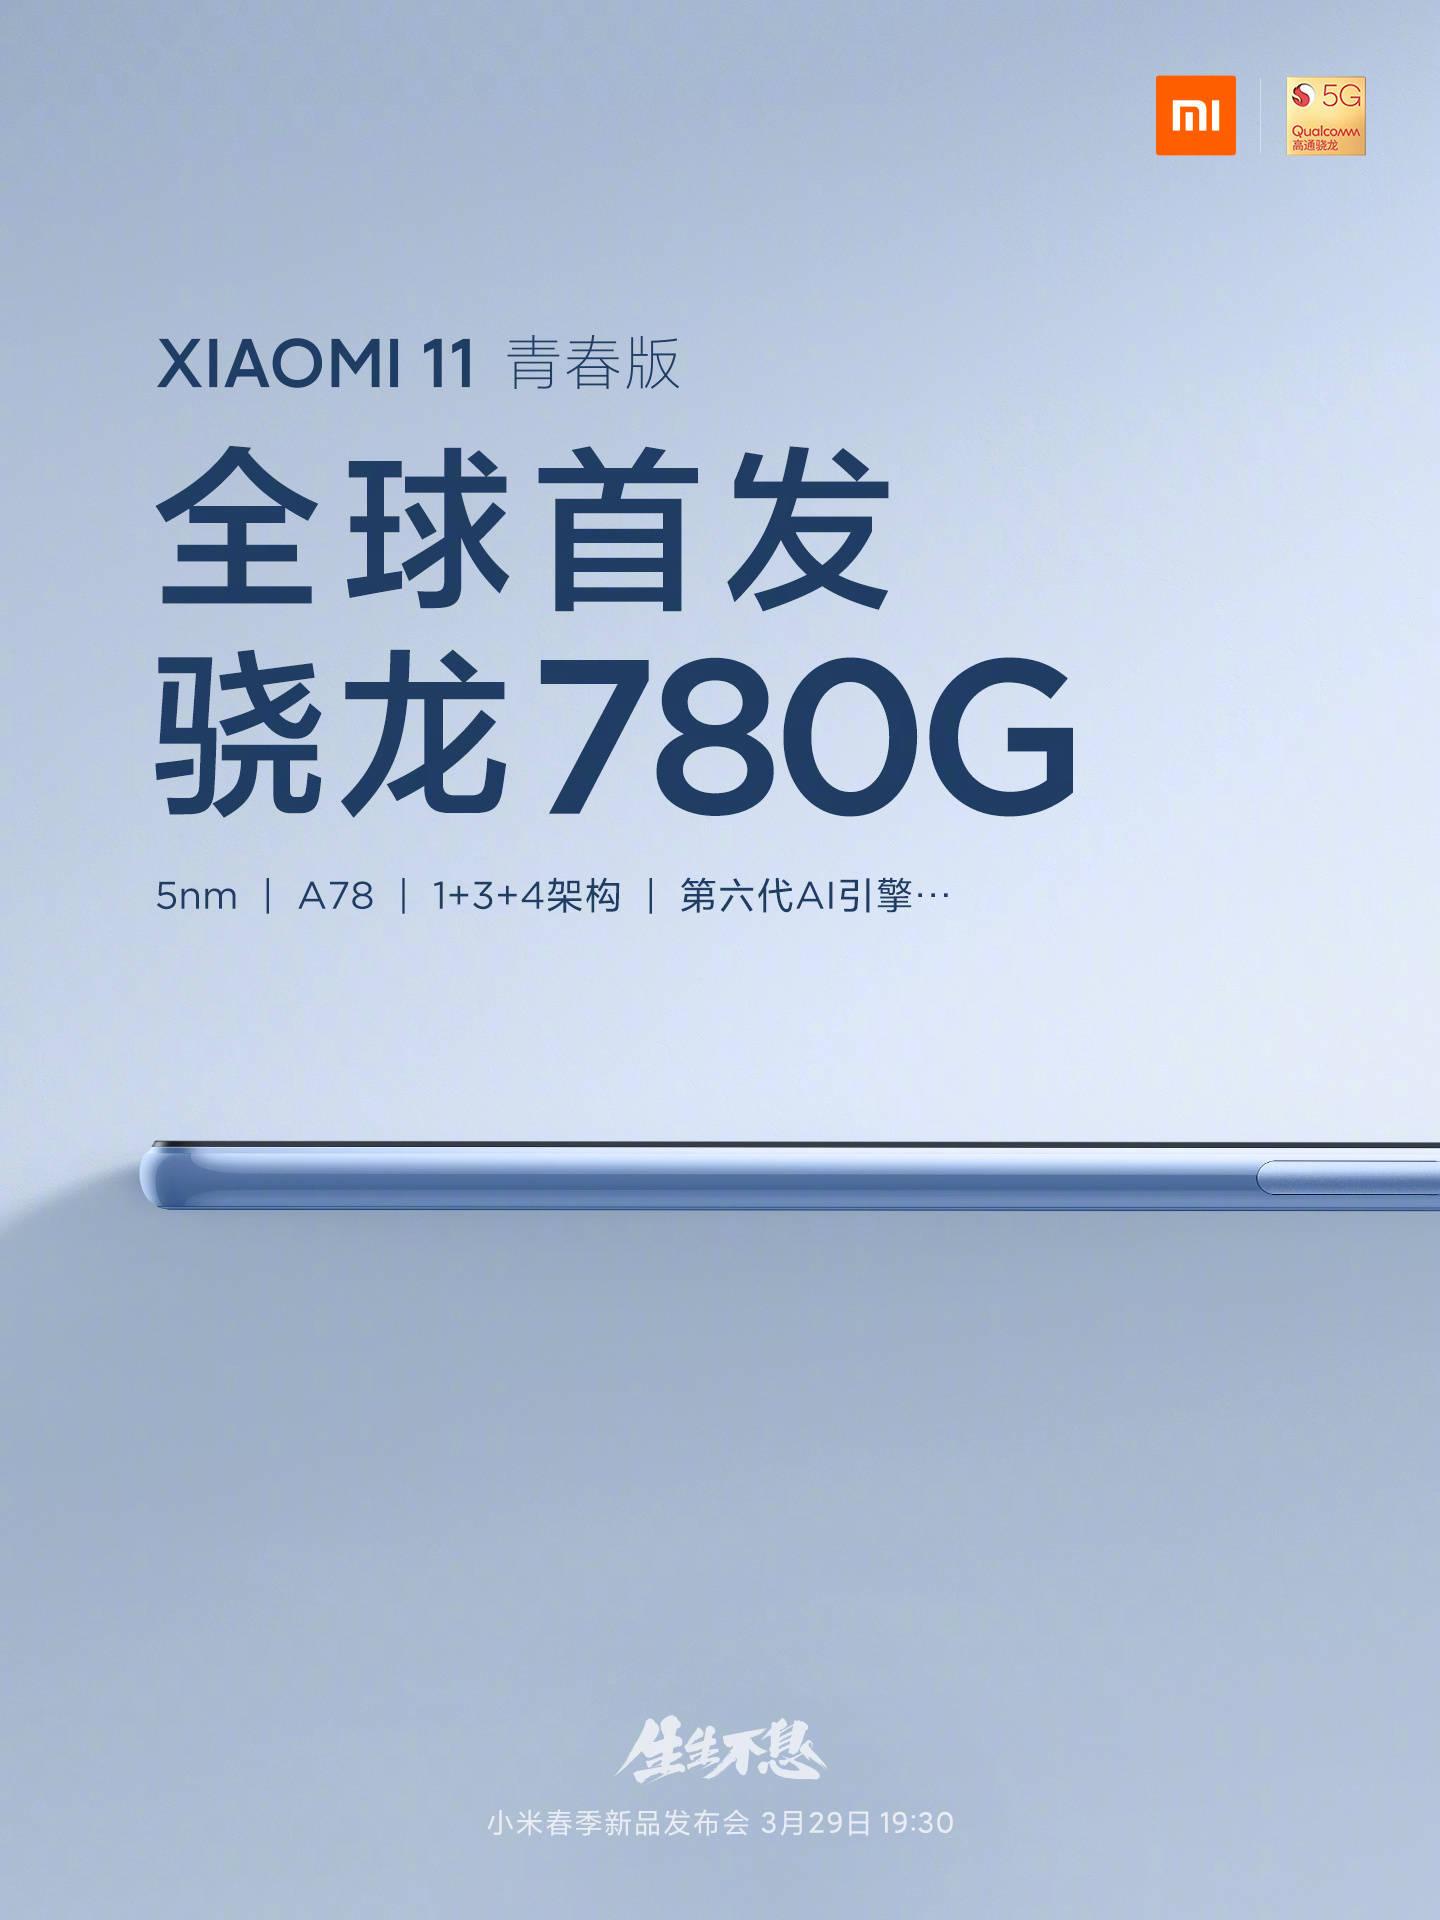 El Xiaomi Mi 11 Lite será mejor de lo esperado y traerá el Snapdragon 780G. Noticias Xiaomi Adictos